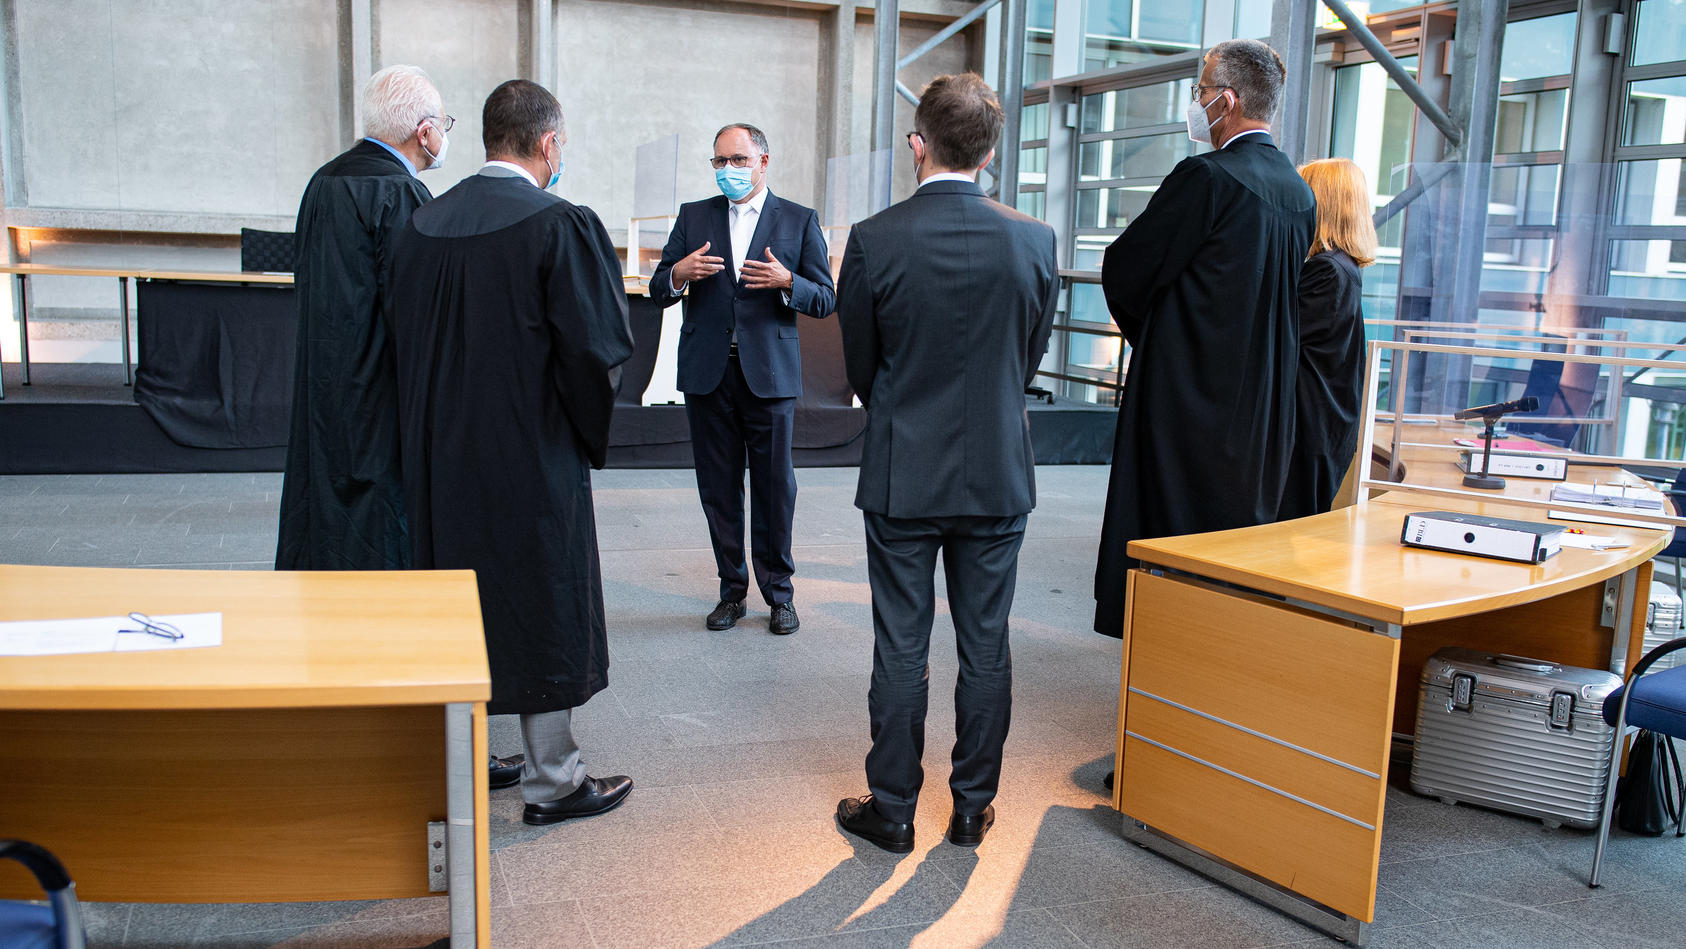 Der Vorsitzende Richter Johannes Wieseler (2.v.l) steht mit den verfahrensbeteiligten Anwälten zu Beginn der Berufungsverhandlung im Oberlandesgericht Hamm.